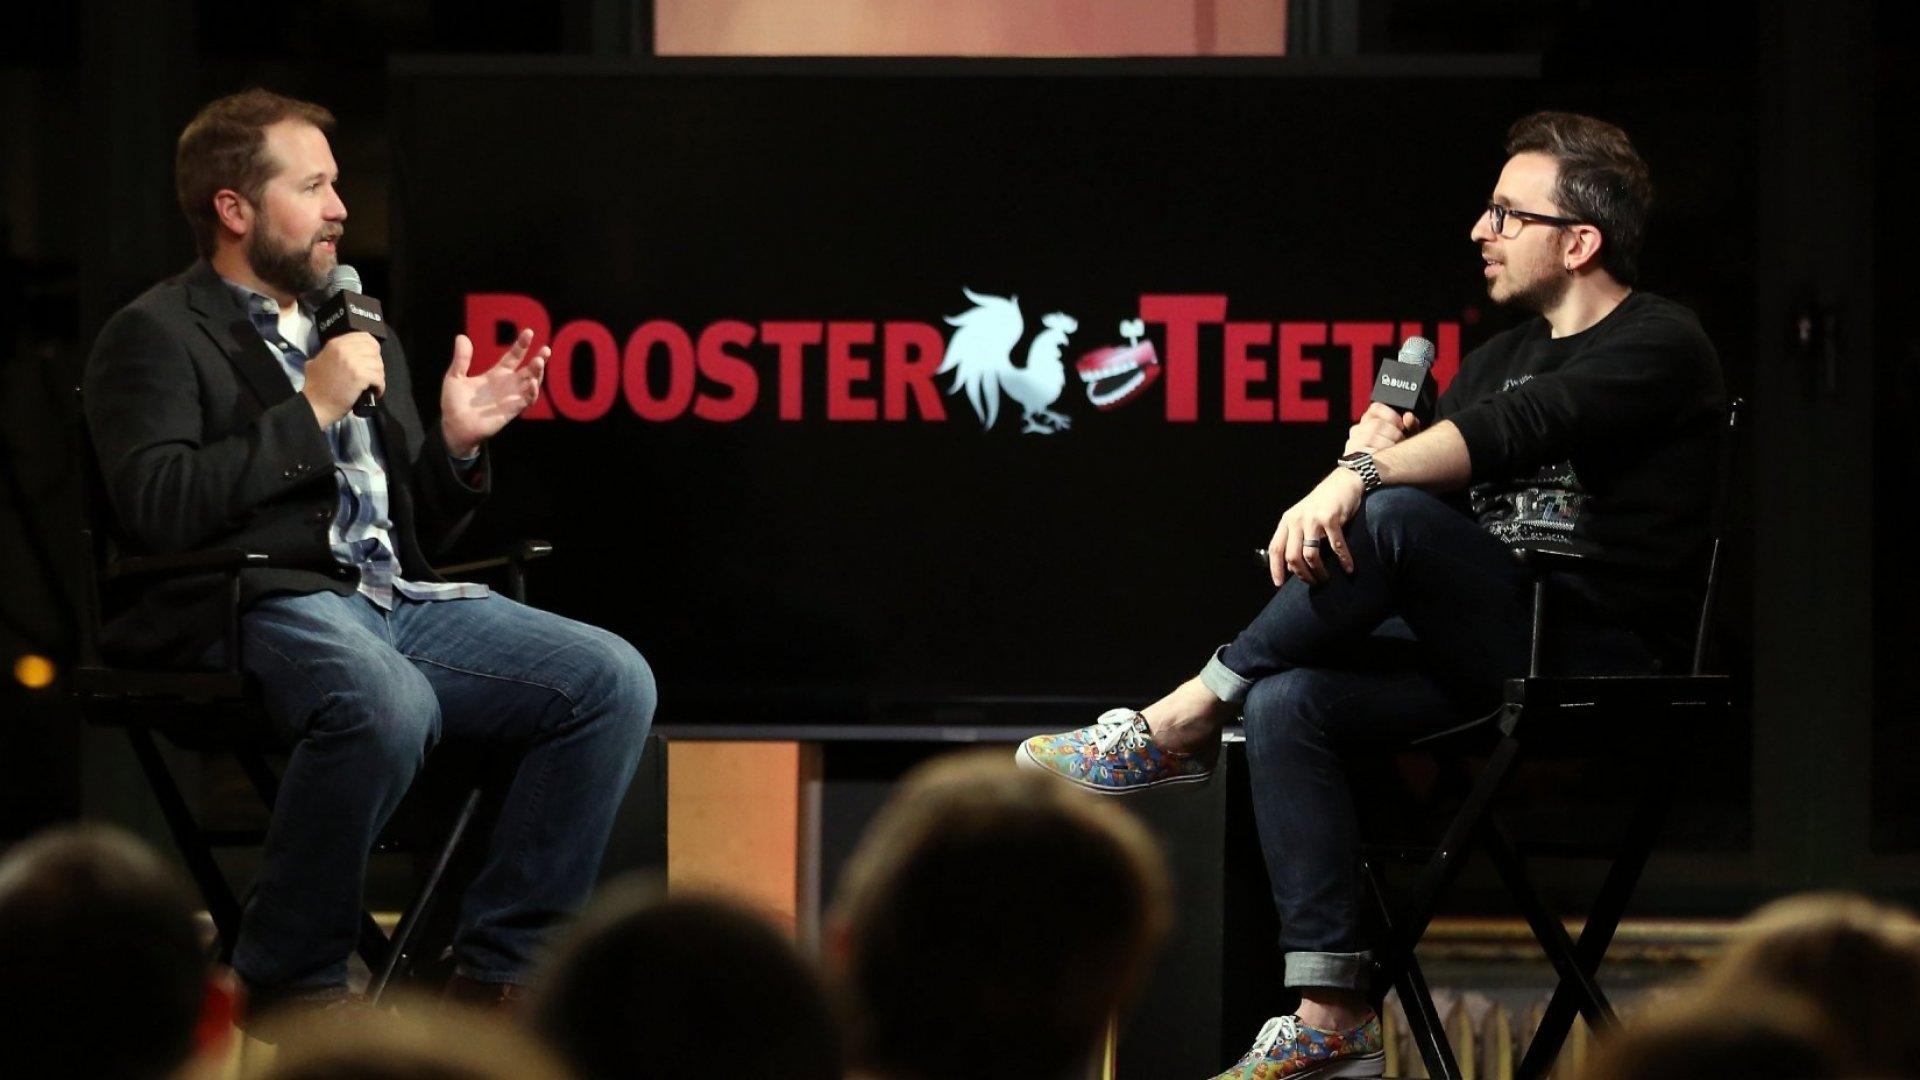 Matt Hullum (L) being interviewed by Matt Forte at AOL Build conference.